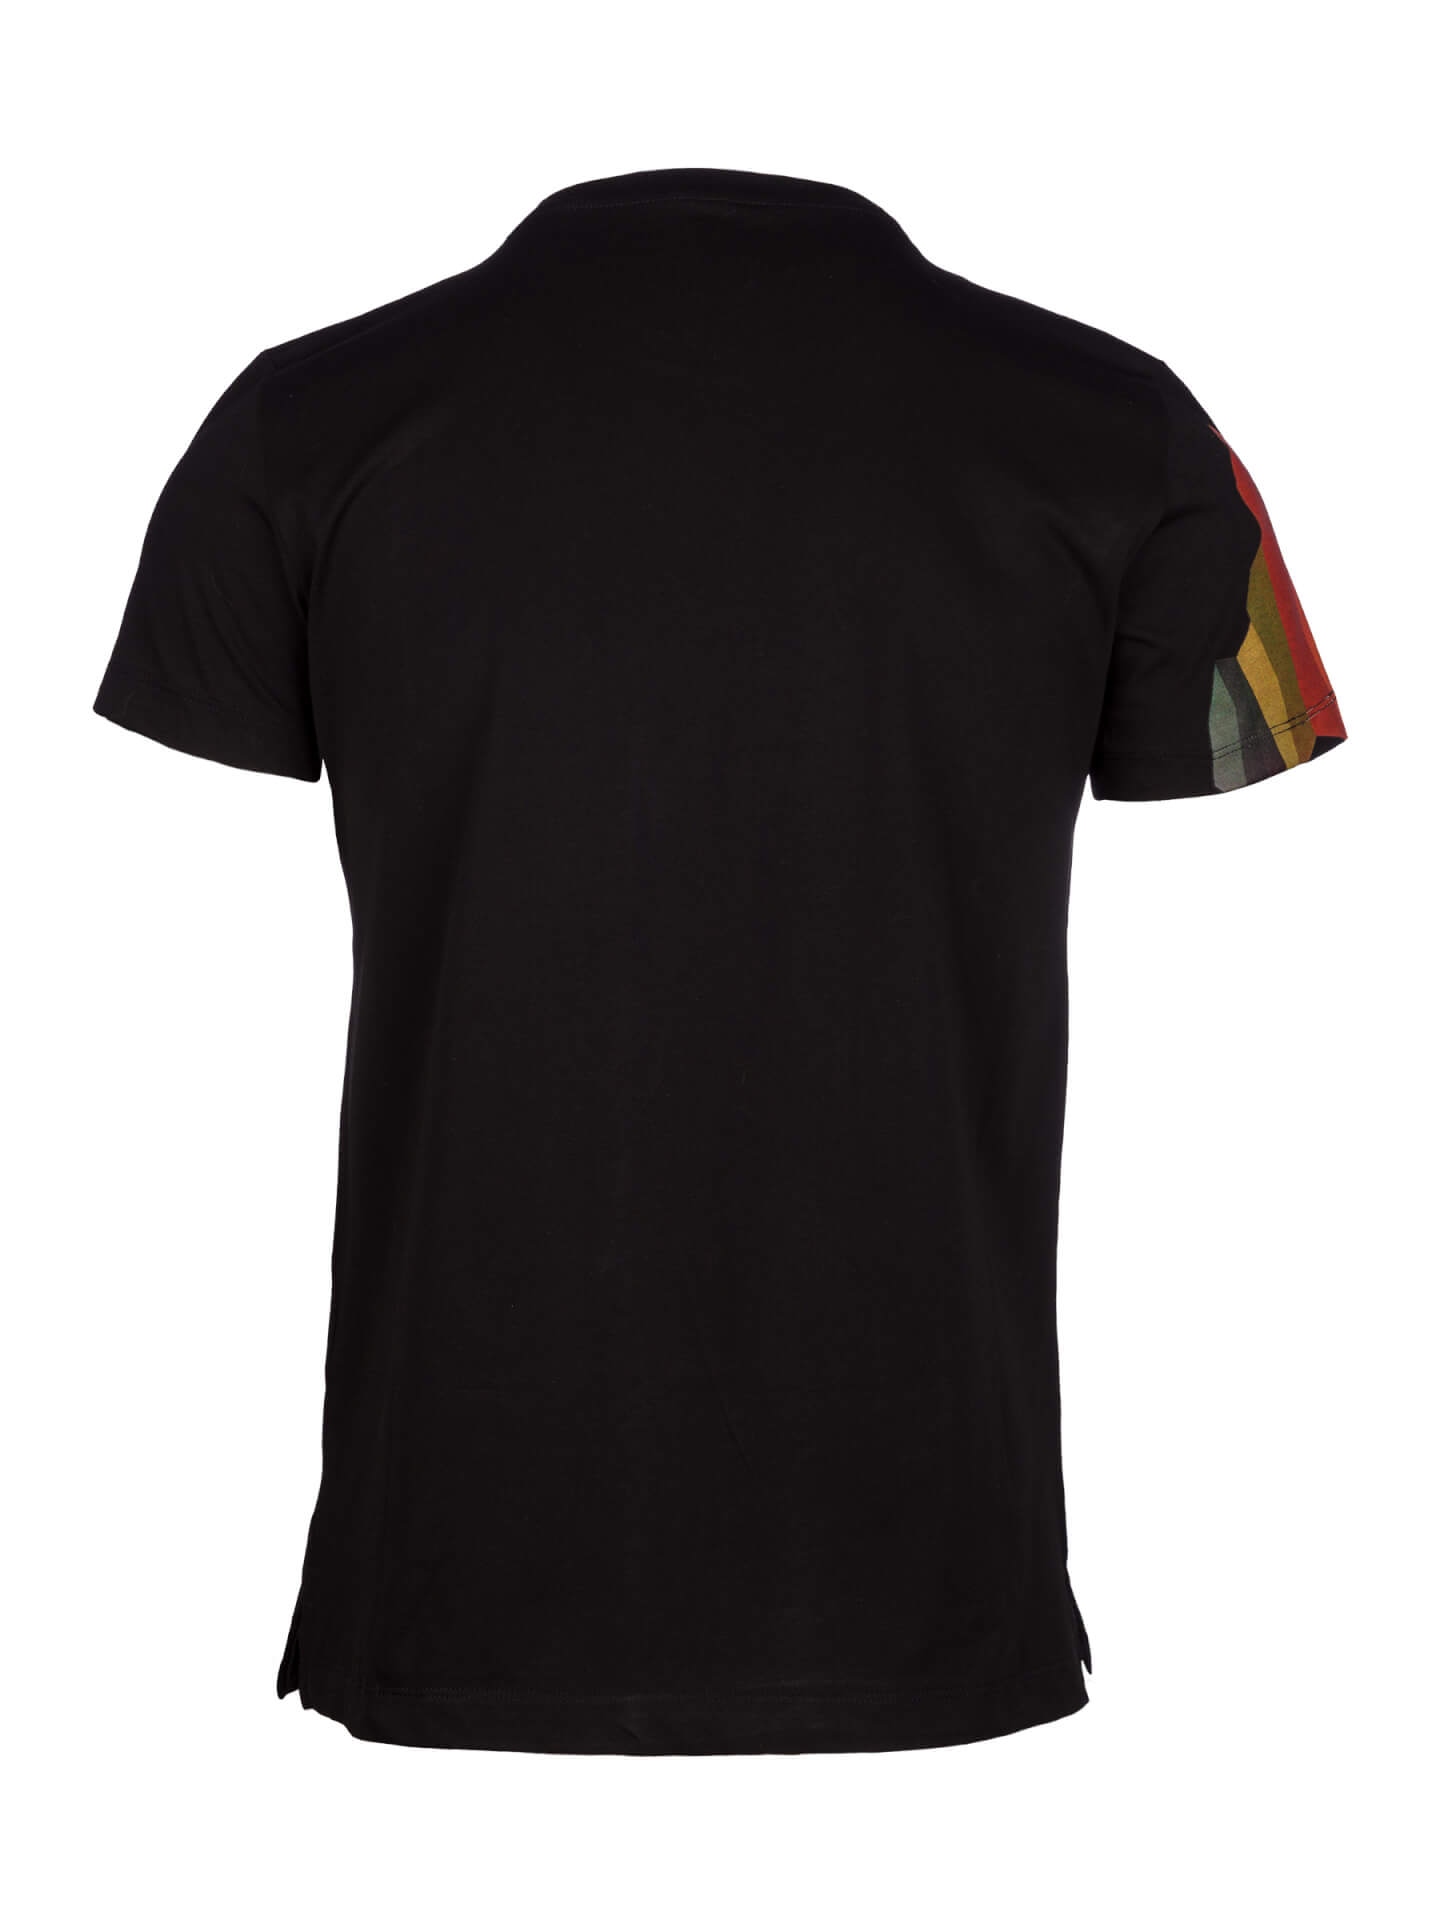 T-shirt Uomo Veloce Club Q36.5